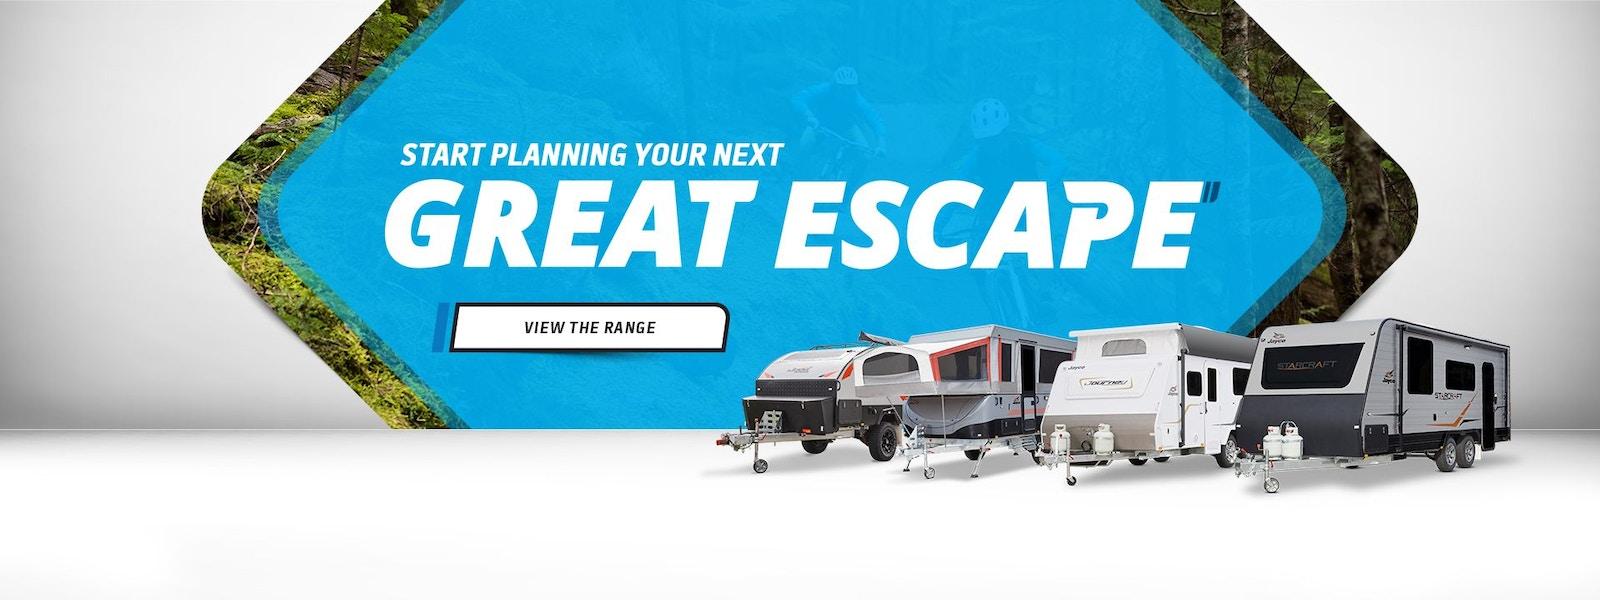 Start your next Escape